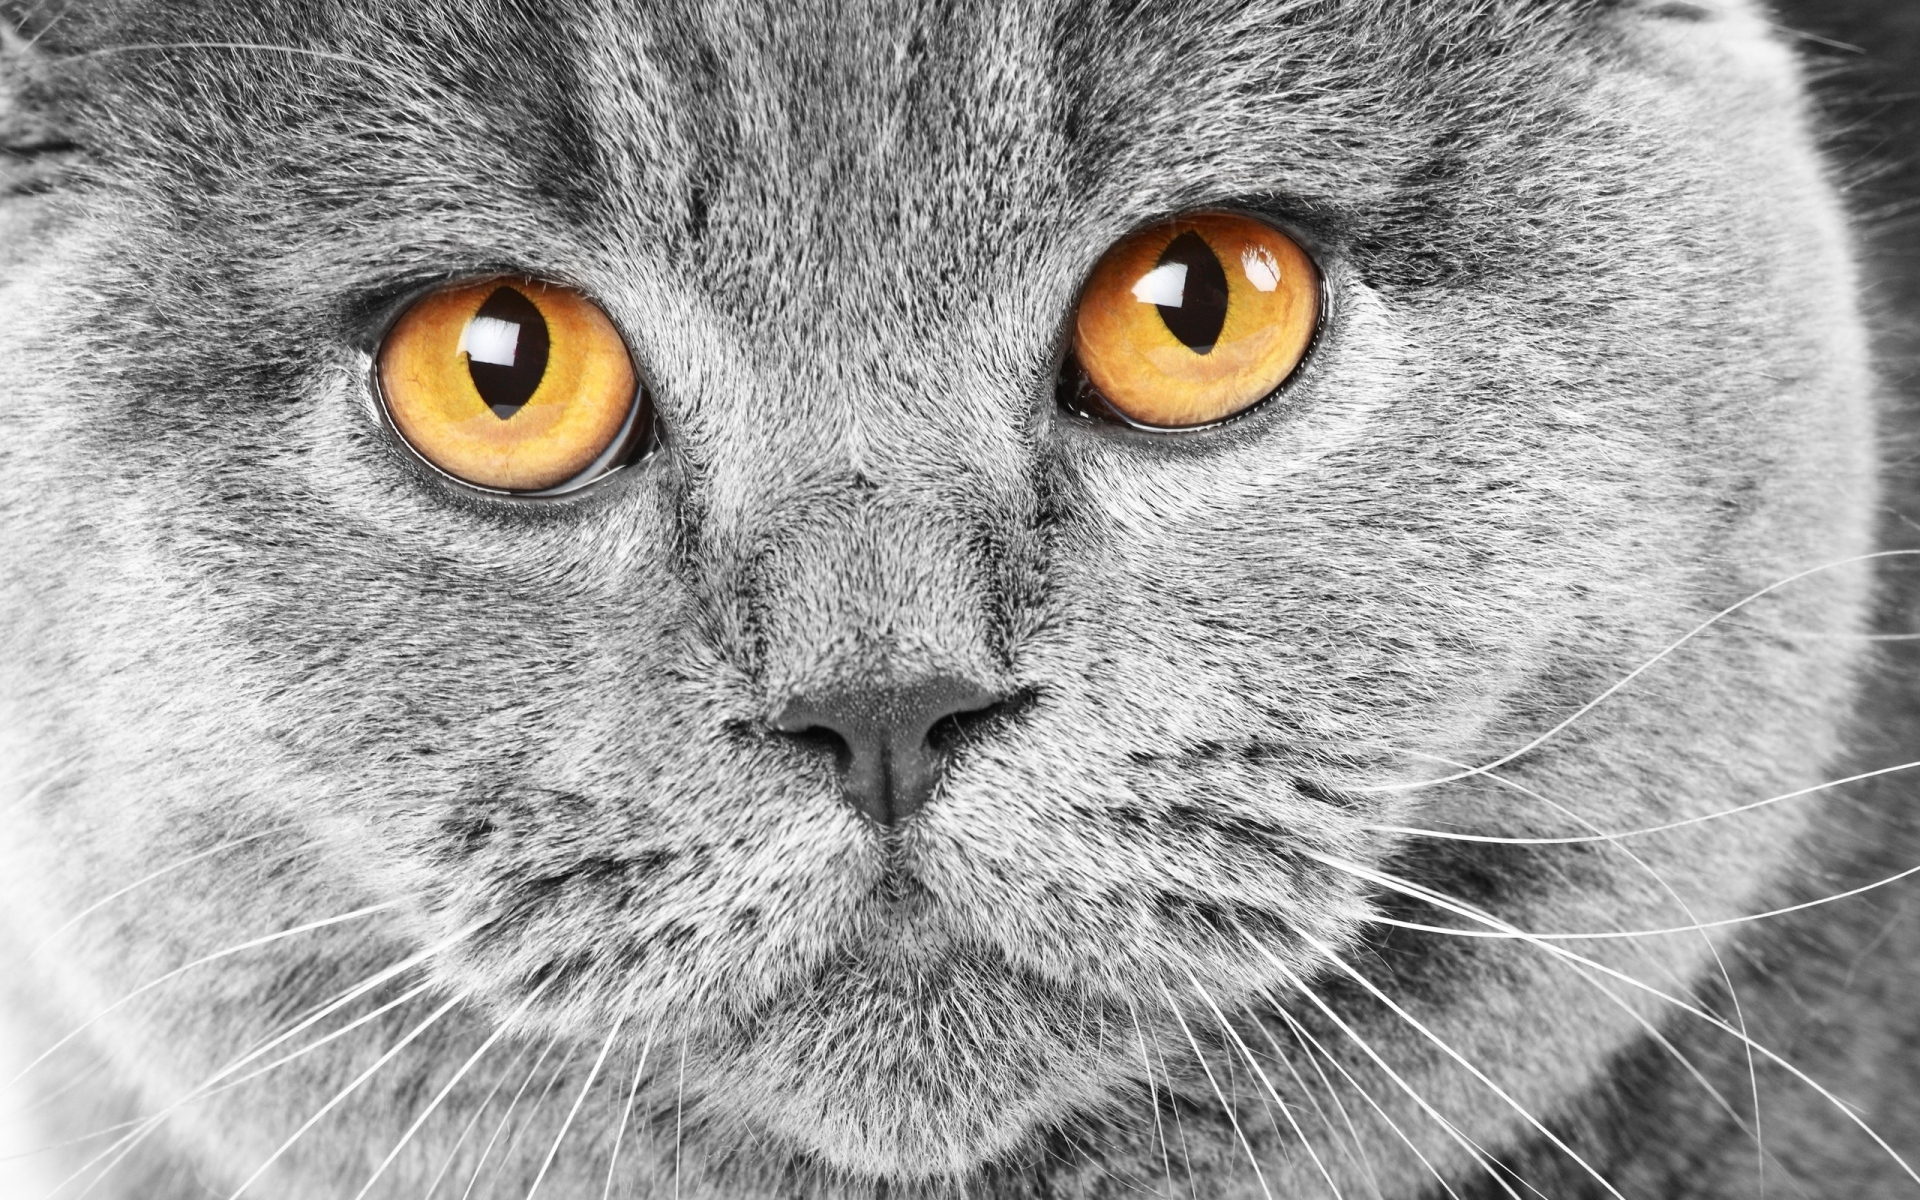 Картинки Кошка, морда, ожидание, глаза, печаль фото и обои на рабочий стол